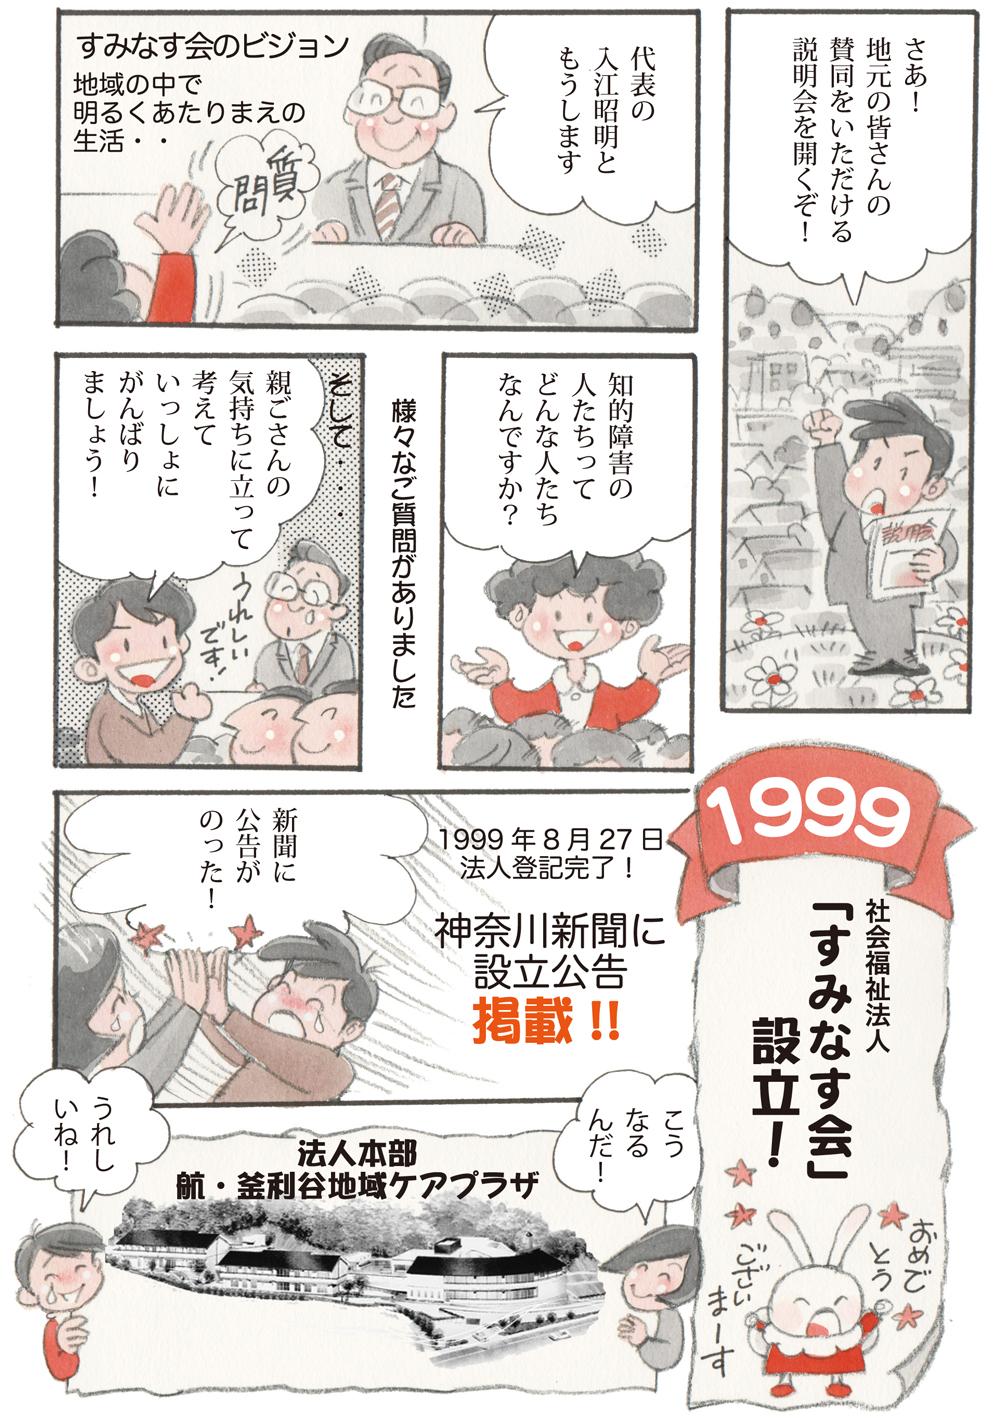 すみなす会誕生物語 5p